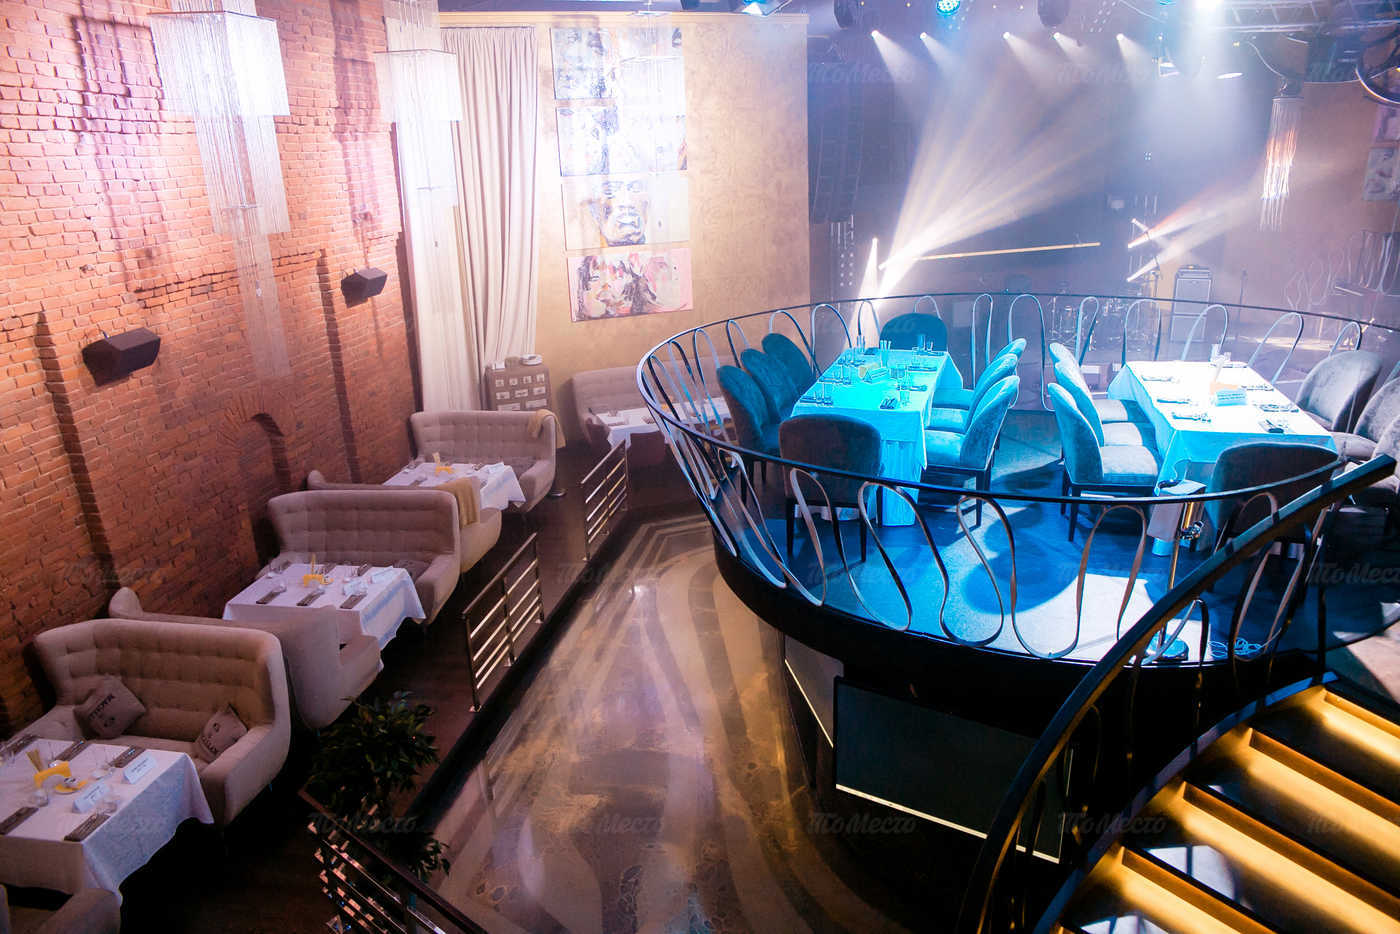 Ночной клуб на черняховского скрытые камеры ночных клубов видео